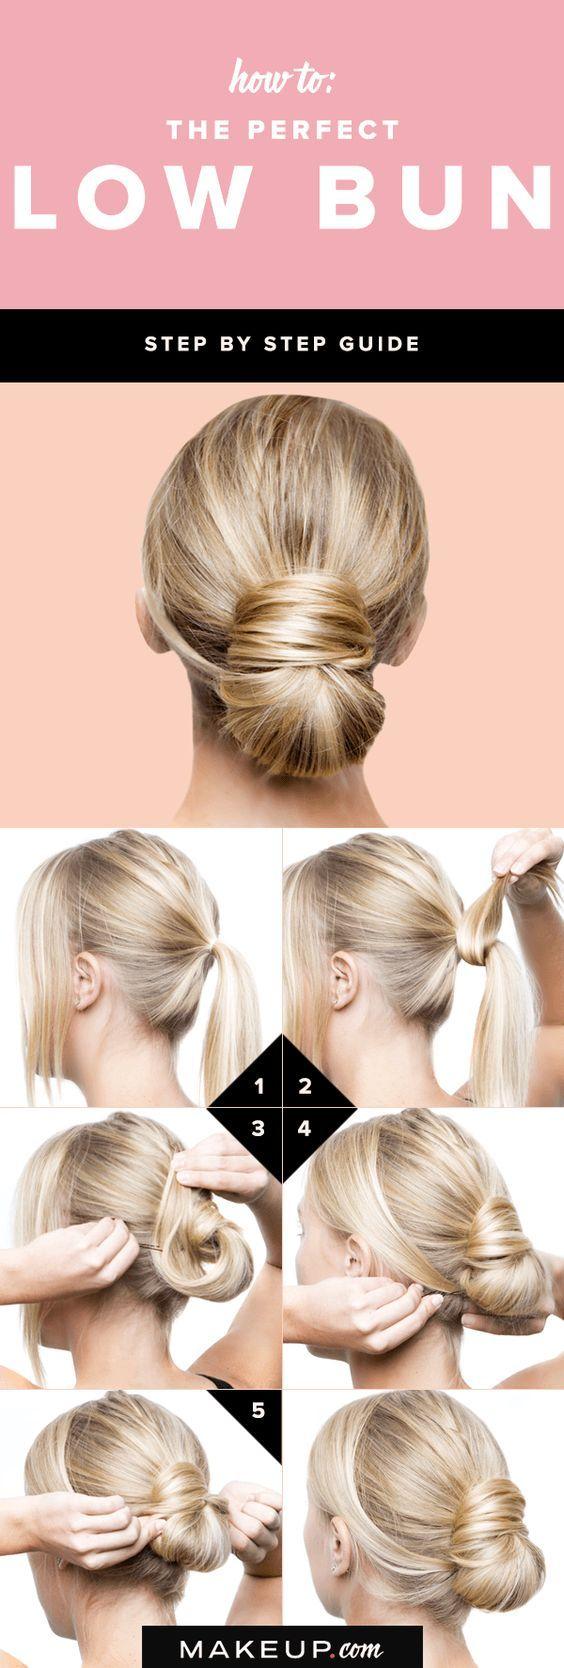 12 Tutorial Gaya Rambut yang Simpel tapi Chic untuk Kencan